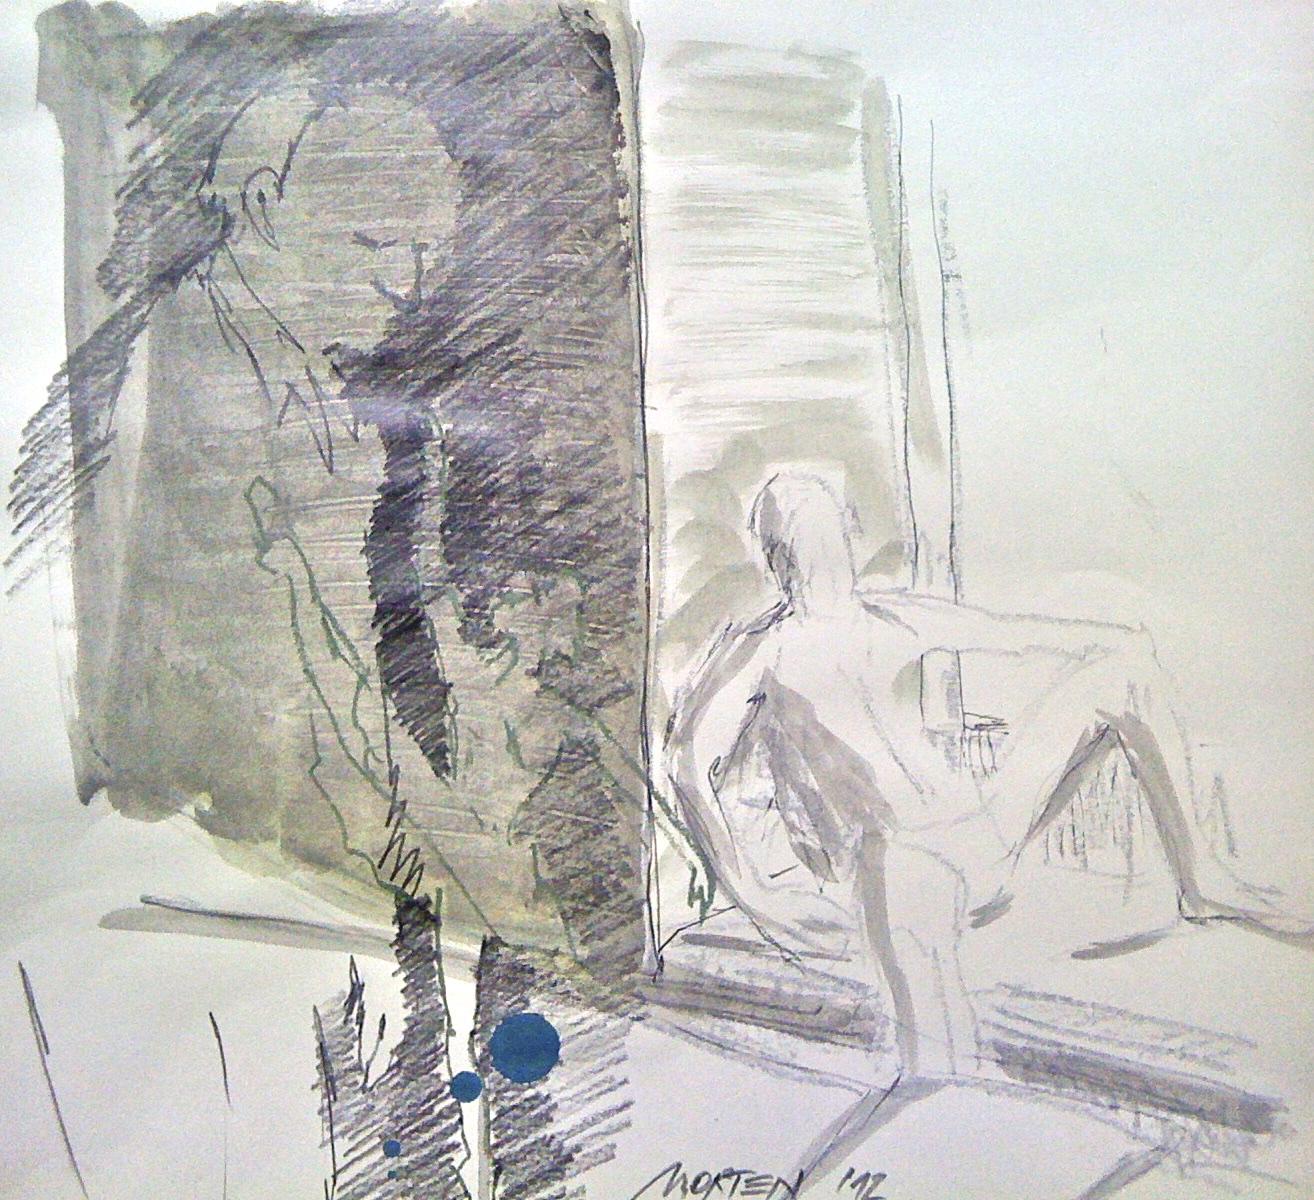 Betrachtet Zyklus: Die Zeit mit Nurejew Nr. 02, Mischtechnik, 40x40cm, 2012